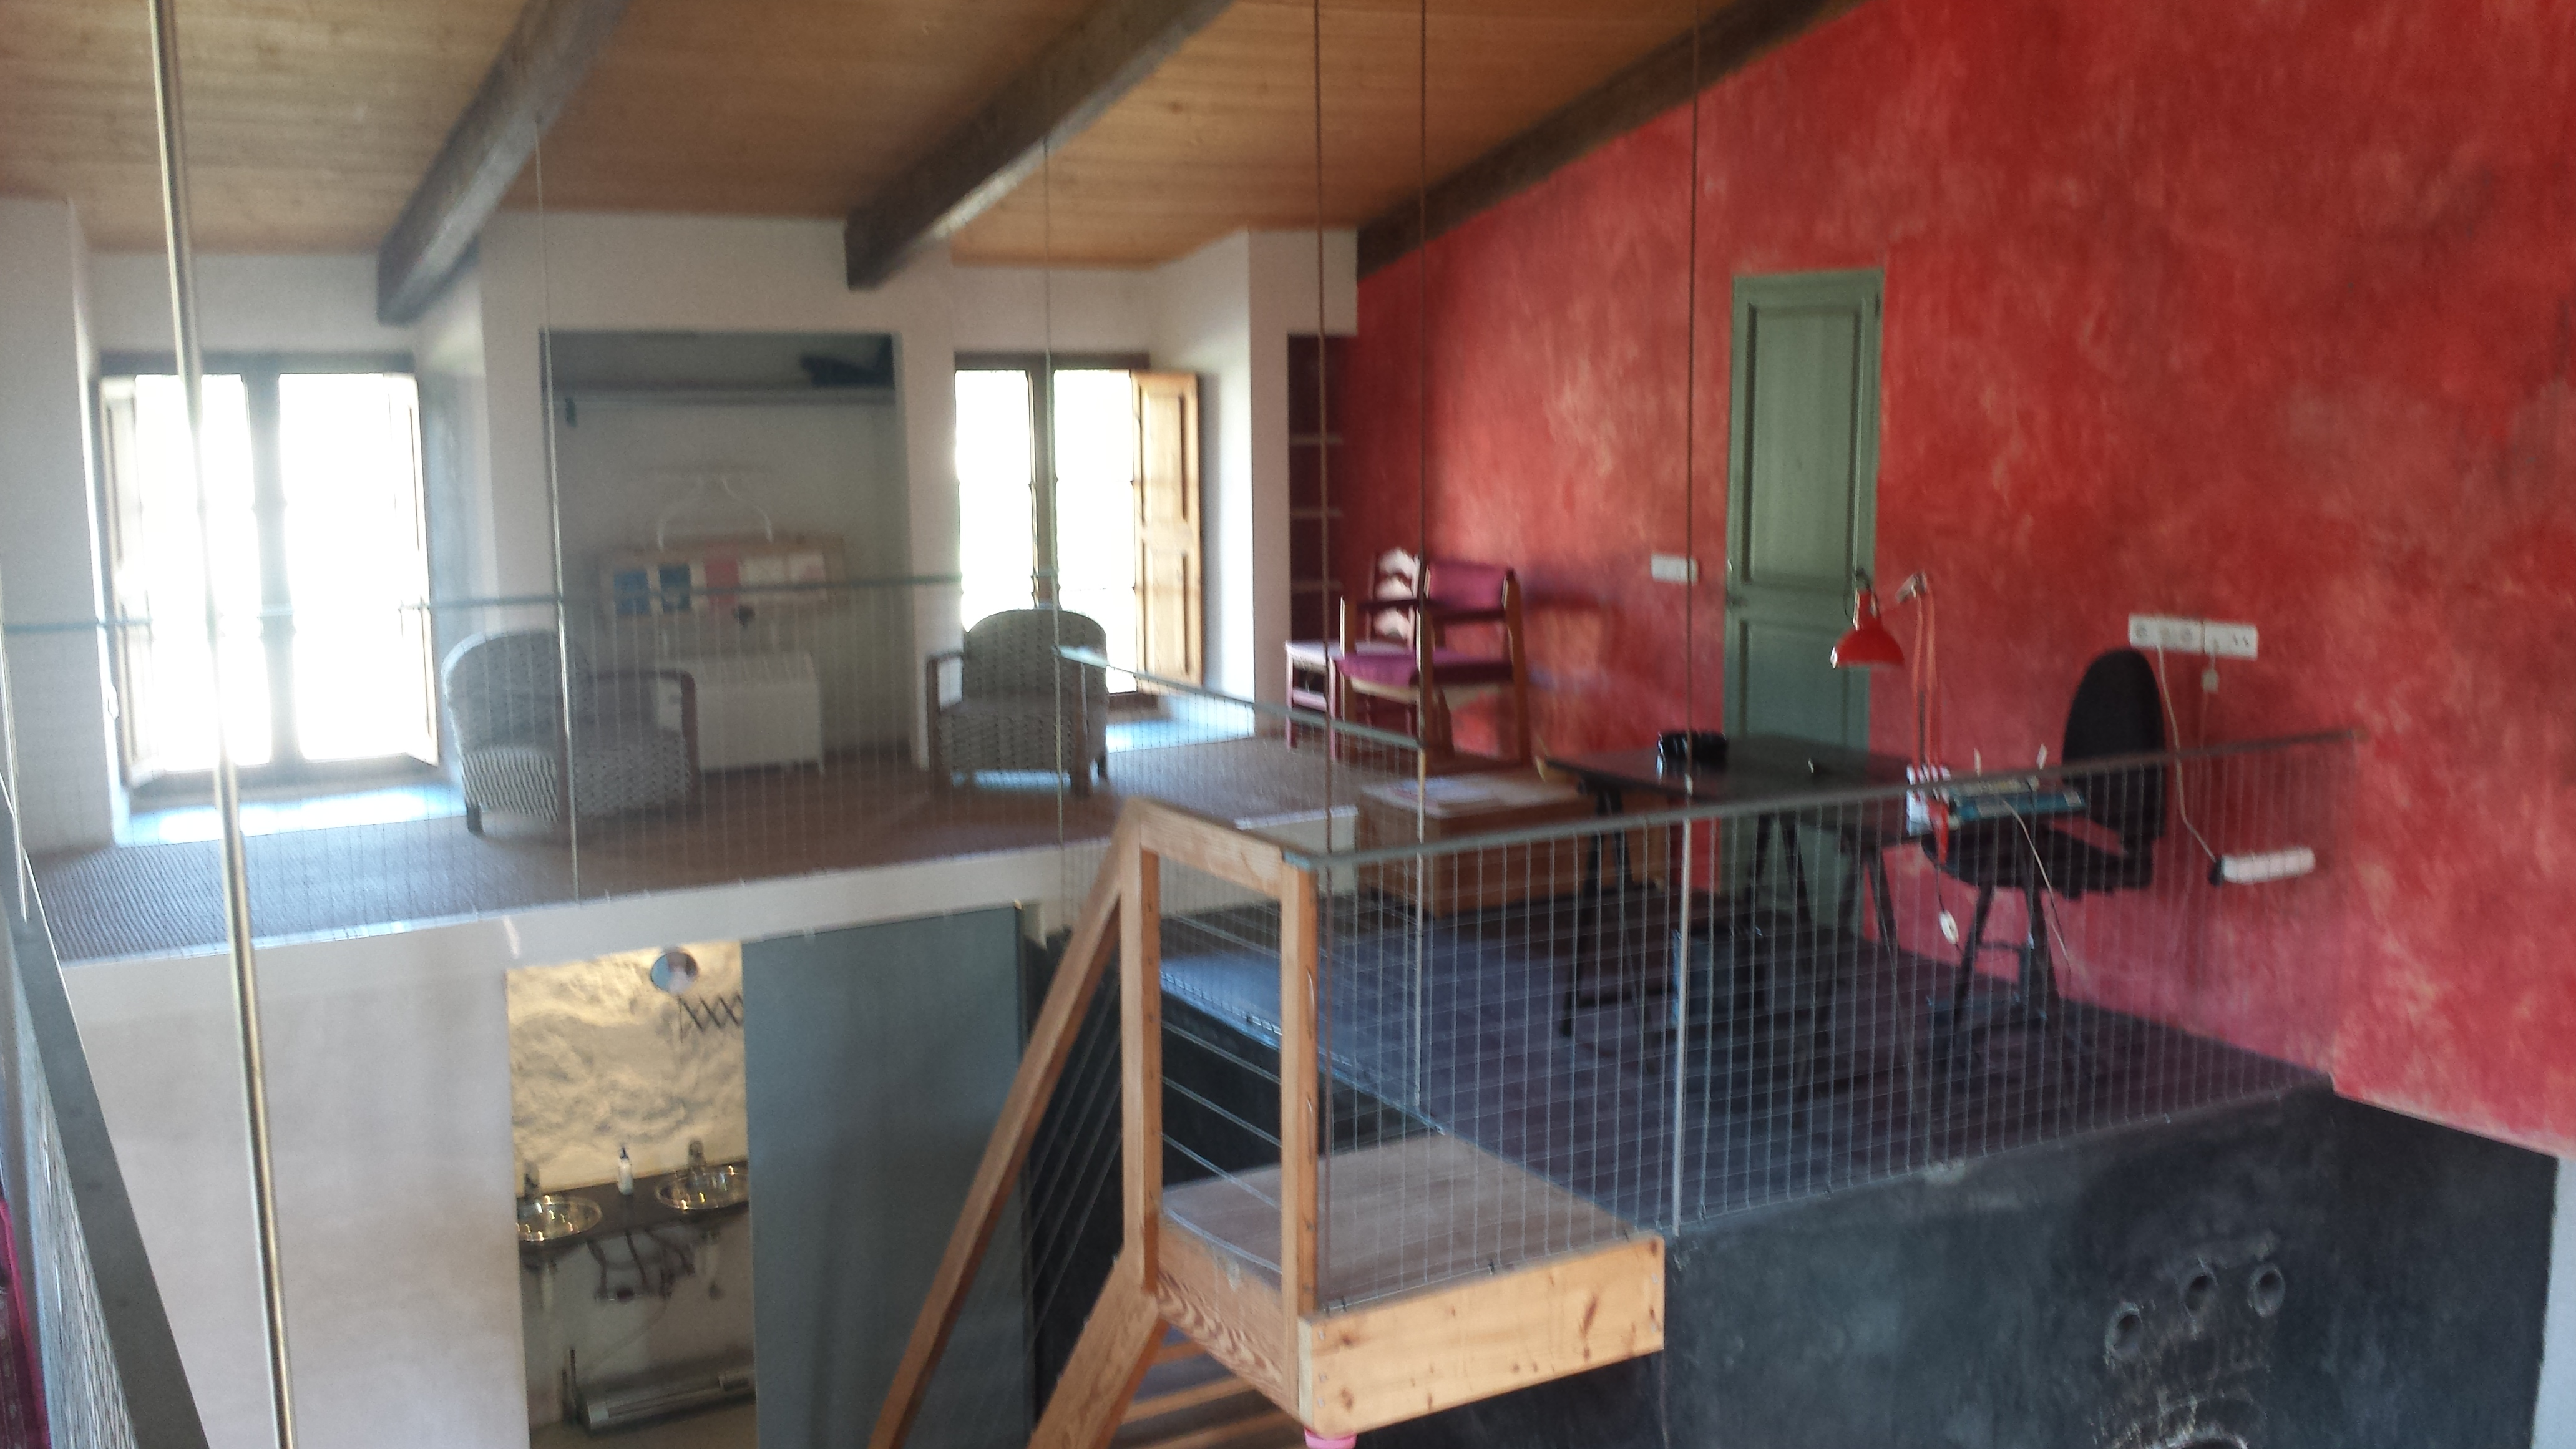 Ap loft in sant jordi palma horno ap 259 at for Ap lofts